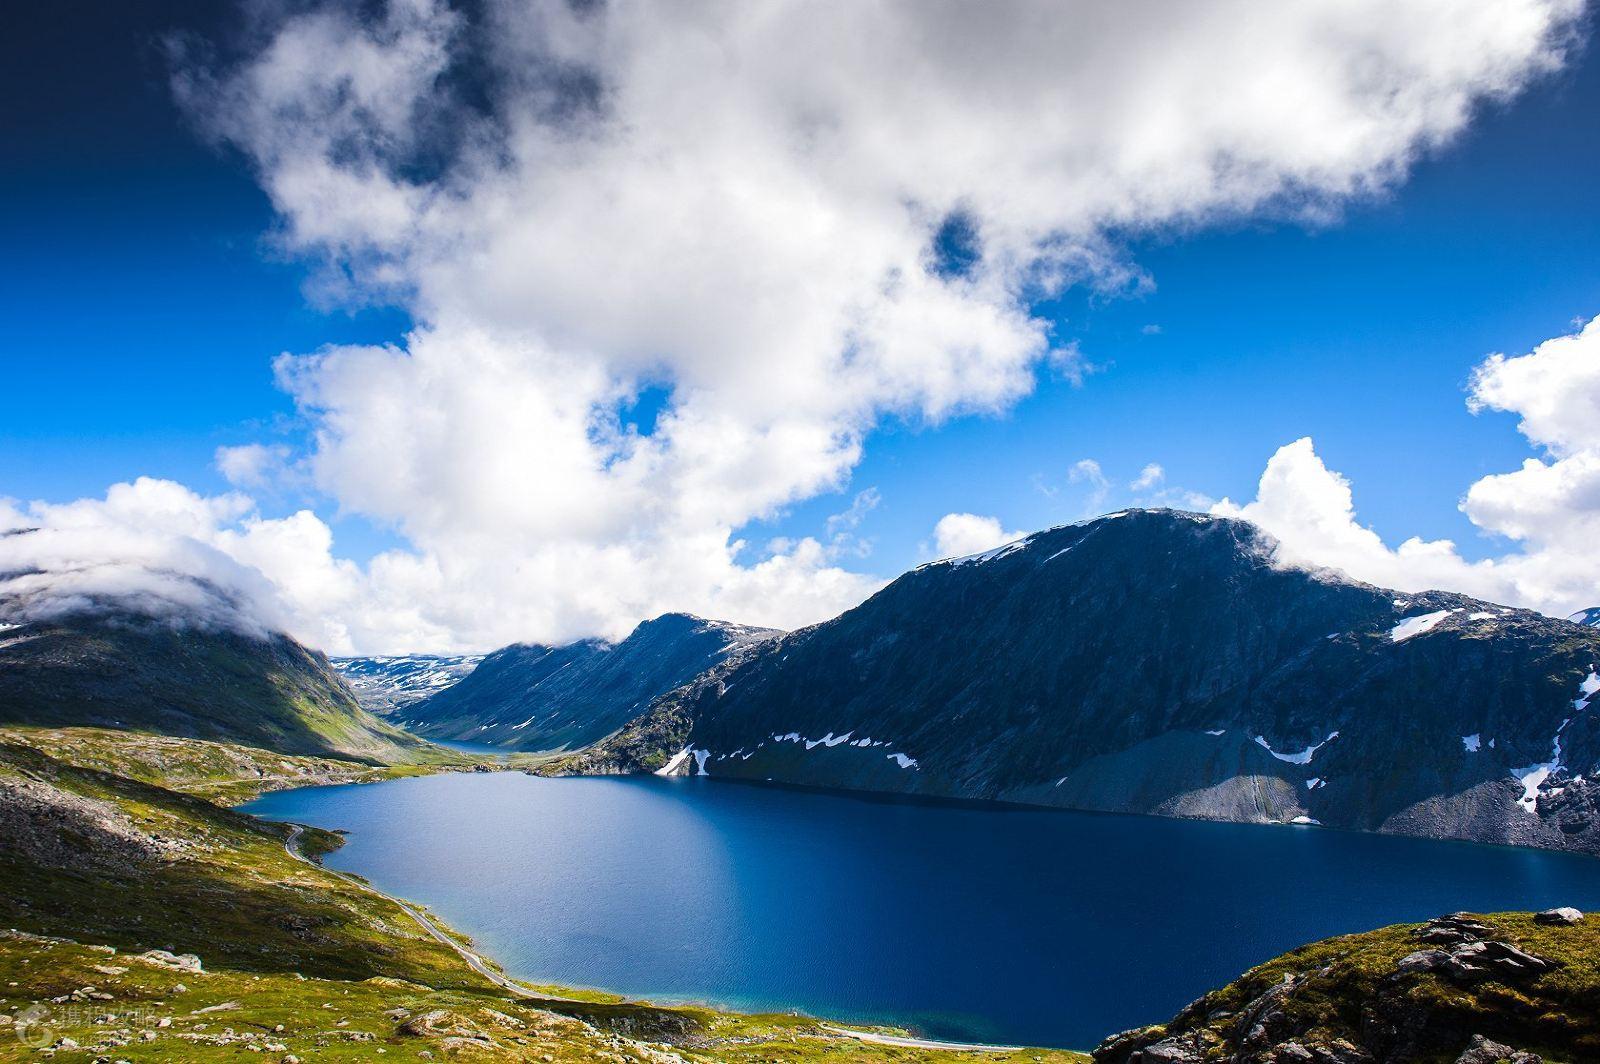 冰岛 北挪威 芬兰 瑞典 丹麦14日跟团游·北欧四国 三峡湾 冰川 观鲸